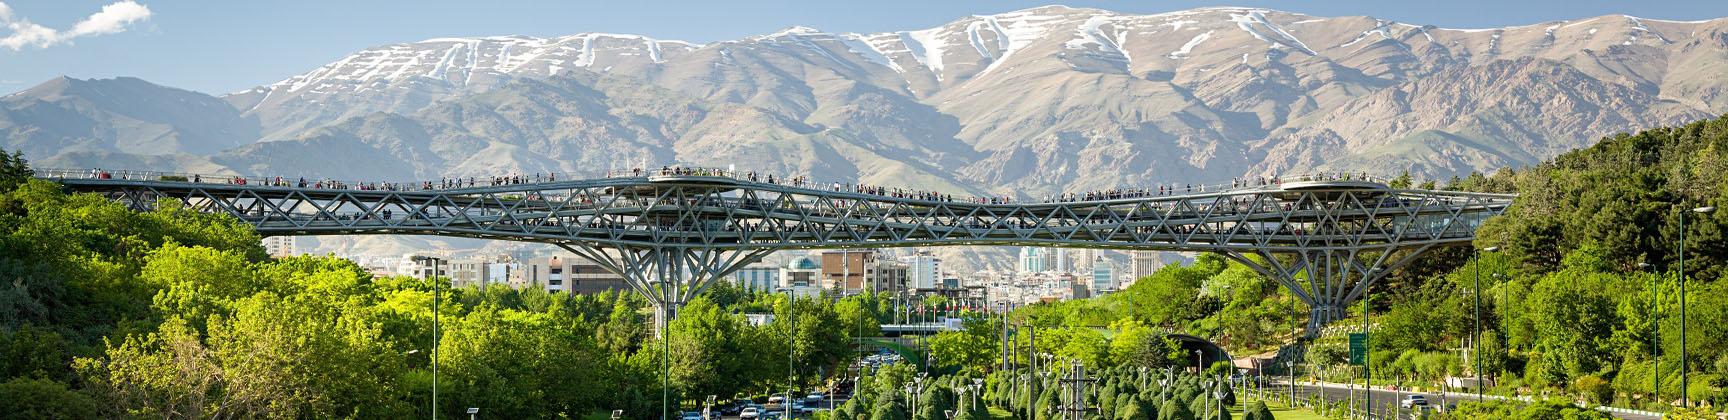 Tabiat Bridge-Tehran